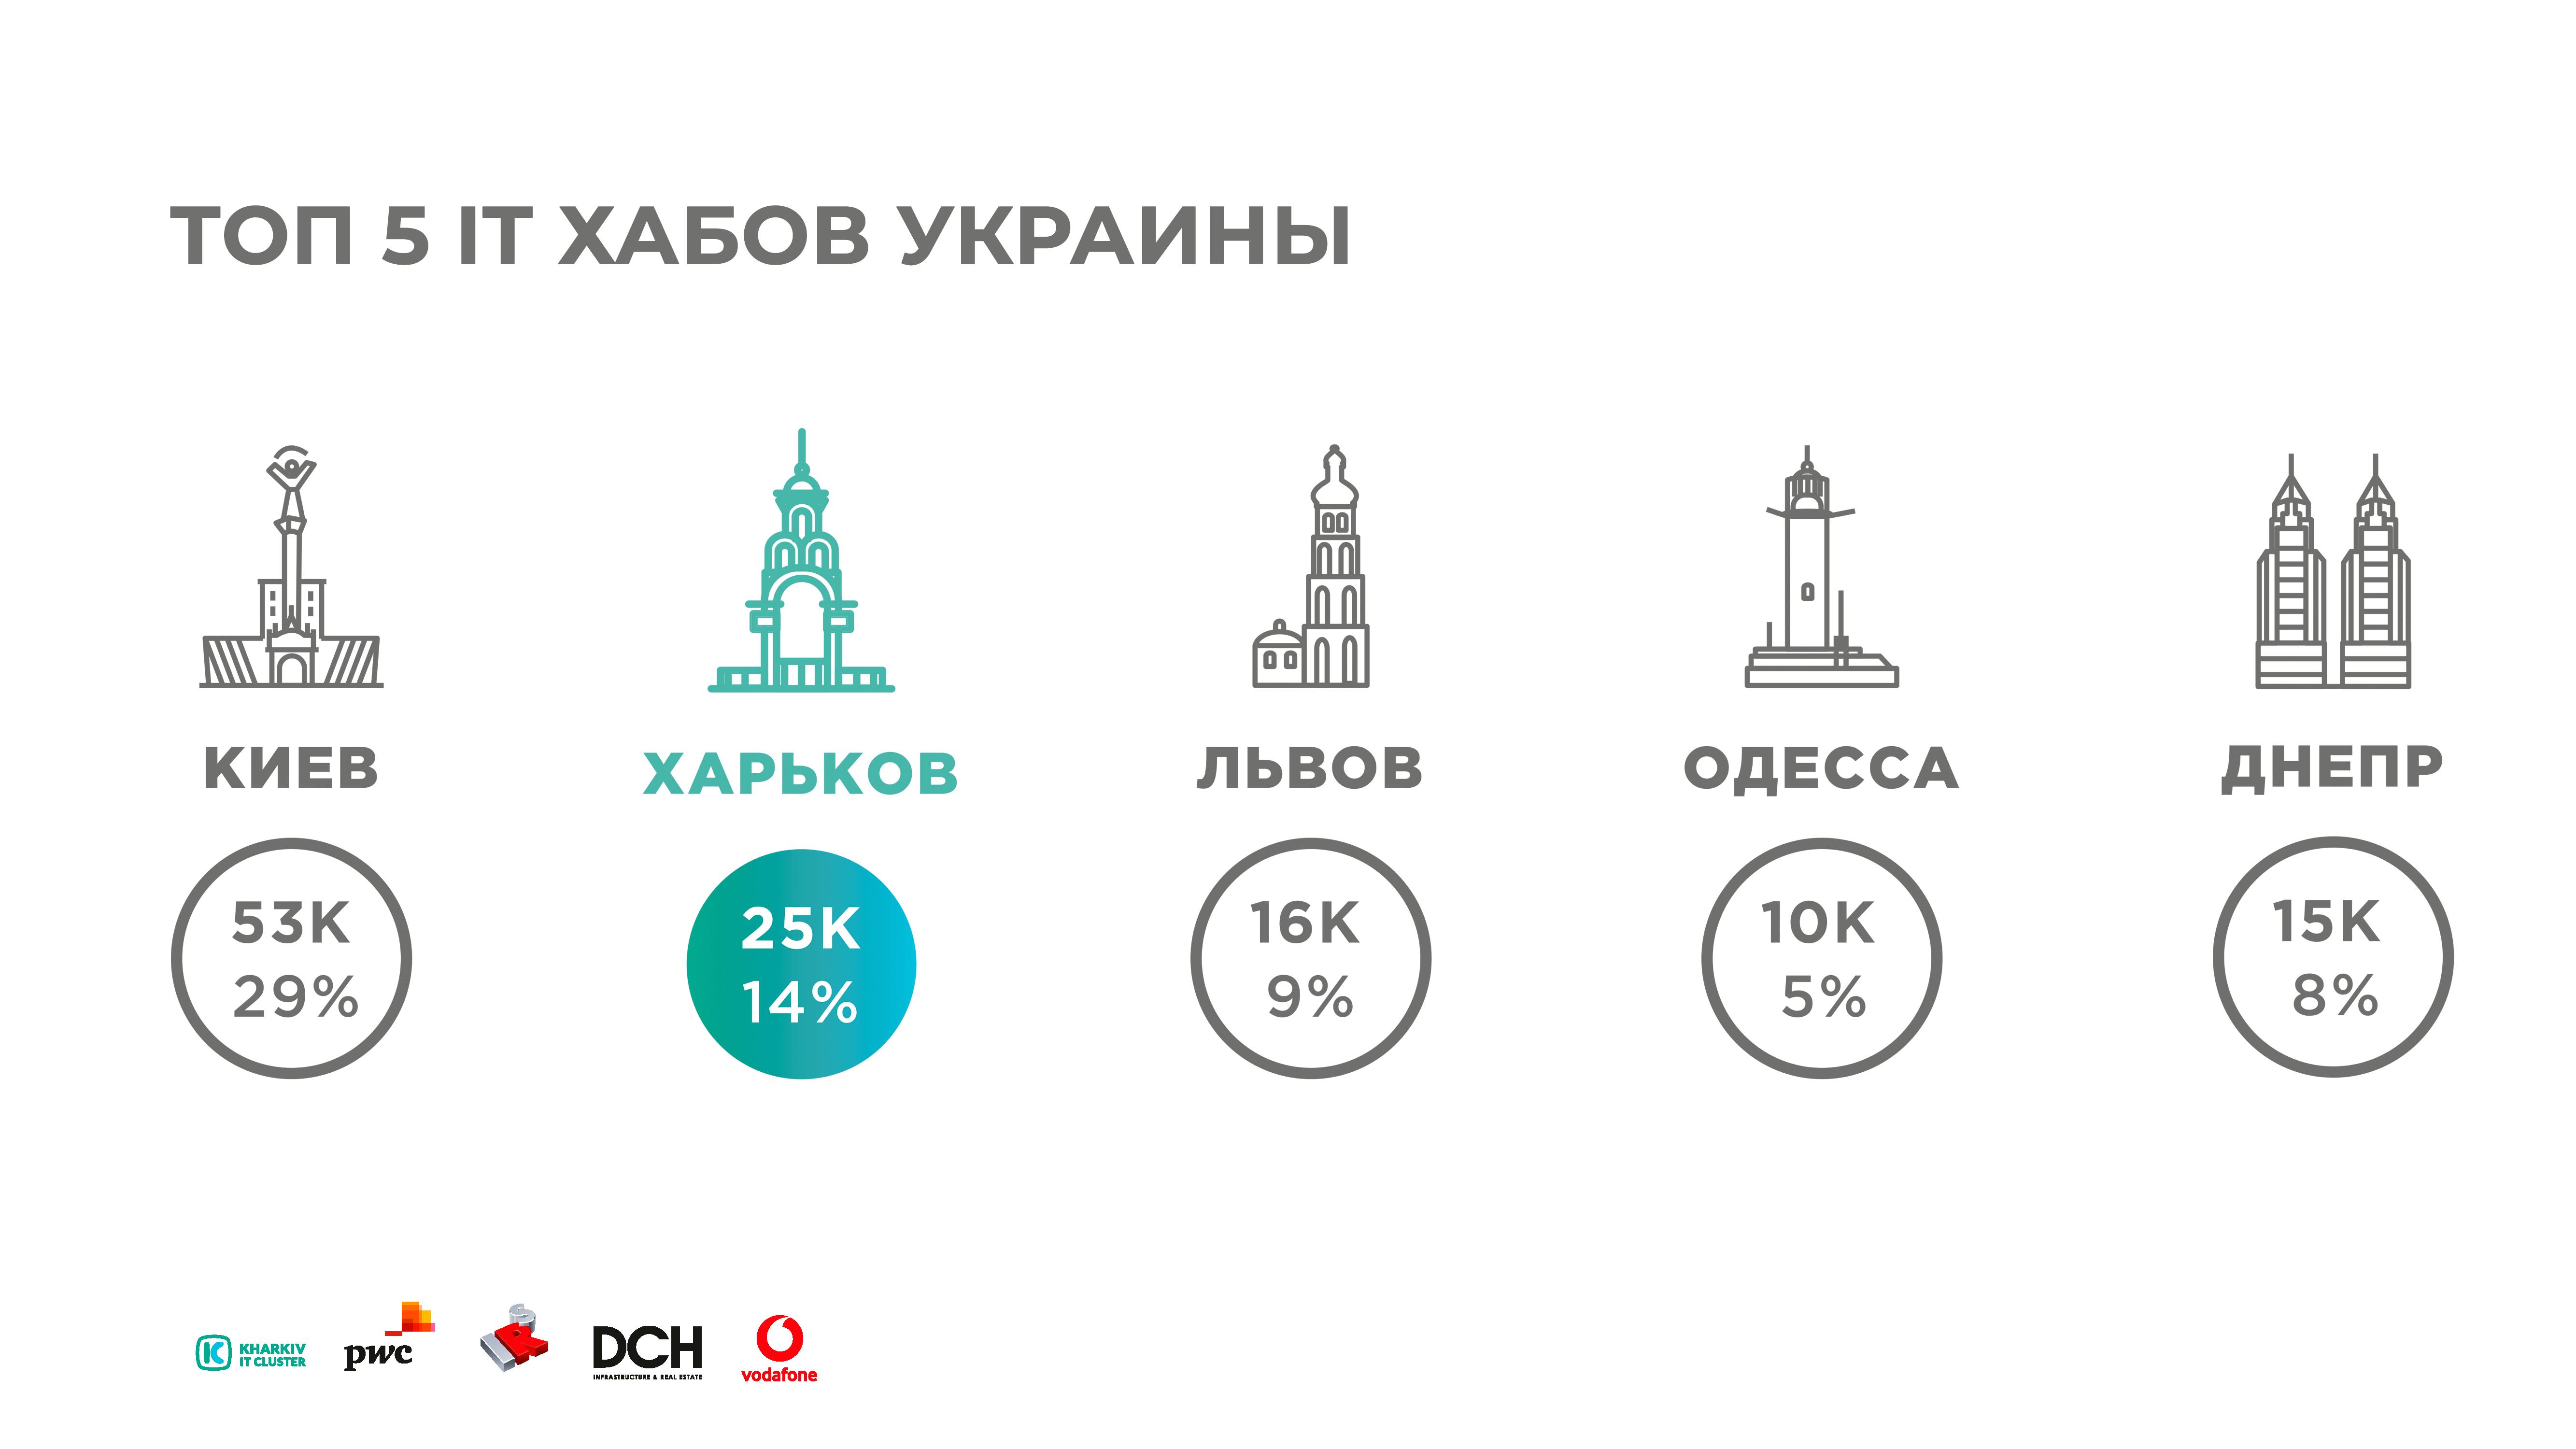 ru Kharkiv IT-research: 25 000 IT-специалистов, более 450 успешно работающих компаний и 5 млрд. гривен налогов в бюджет Украины